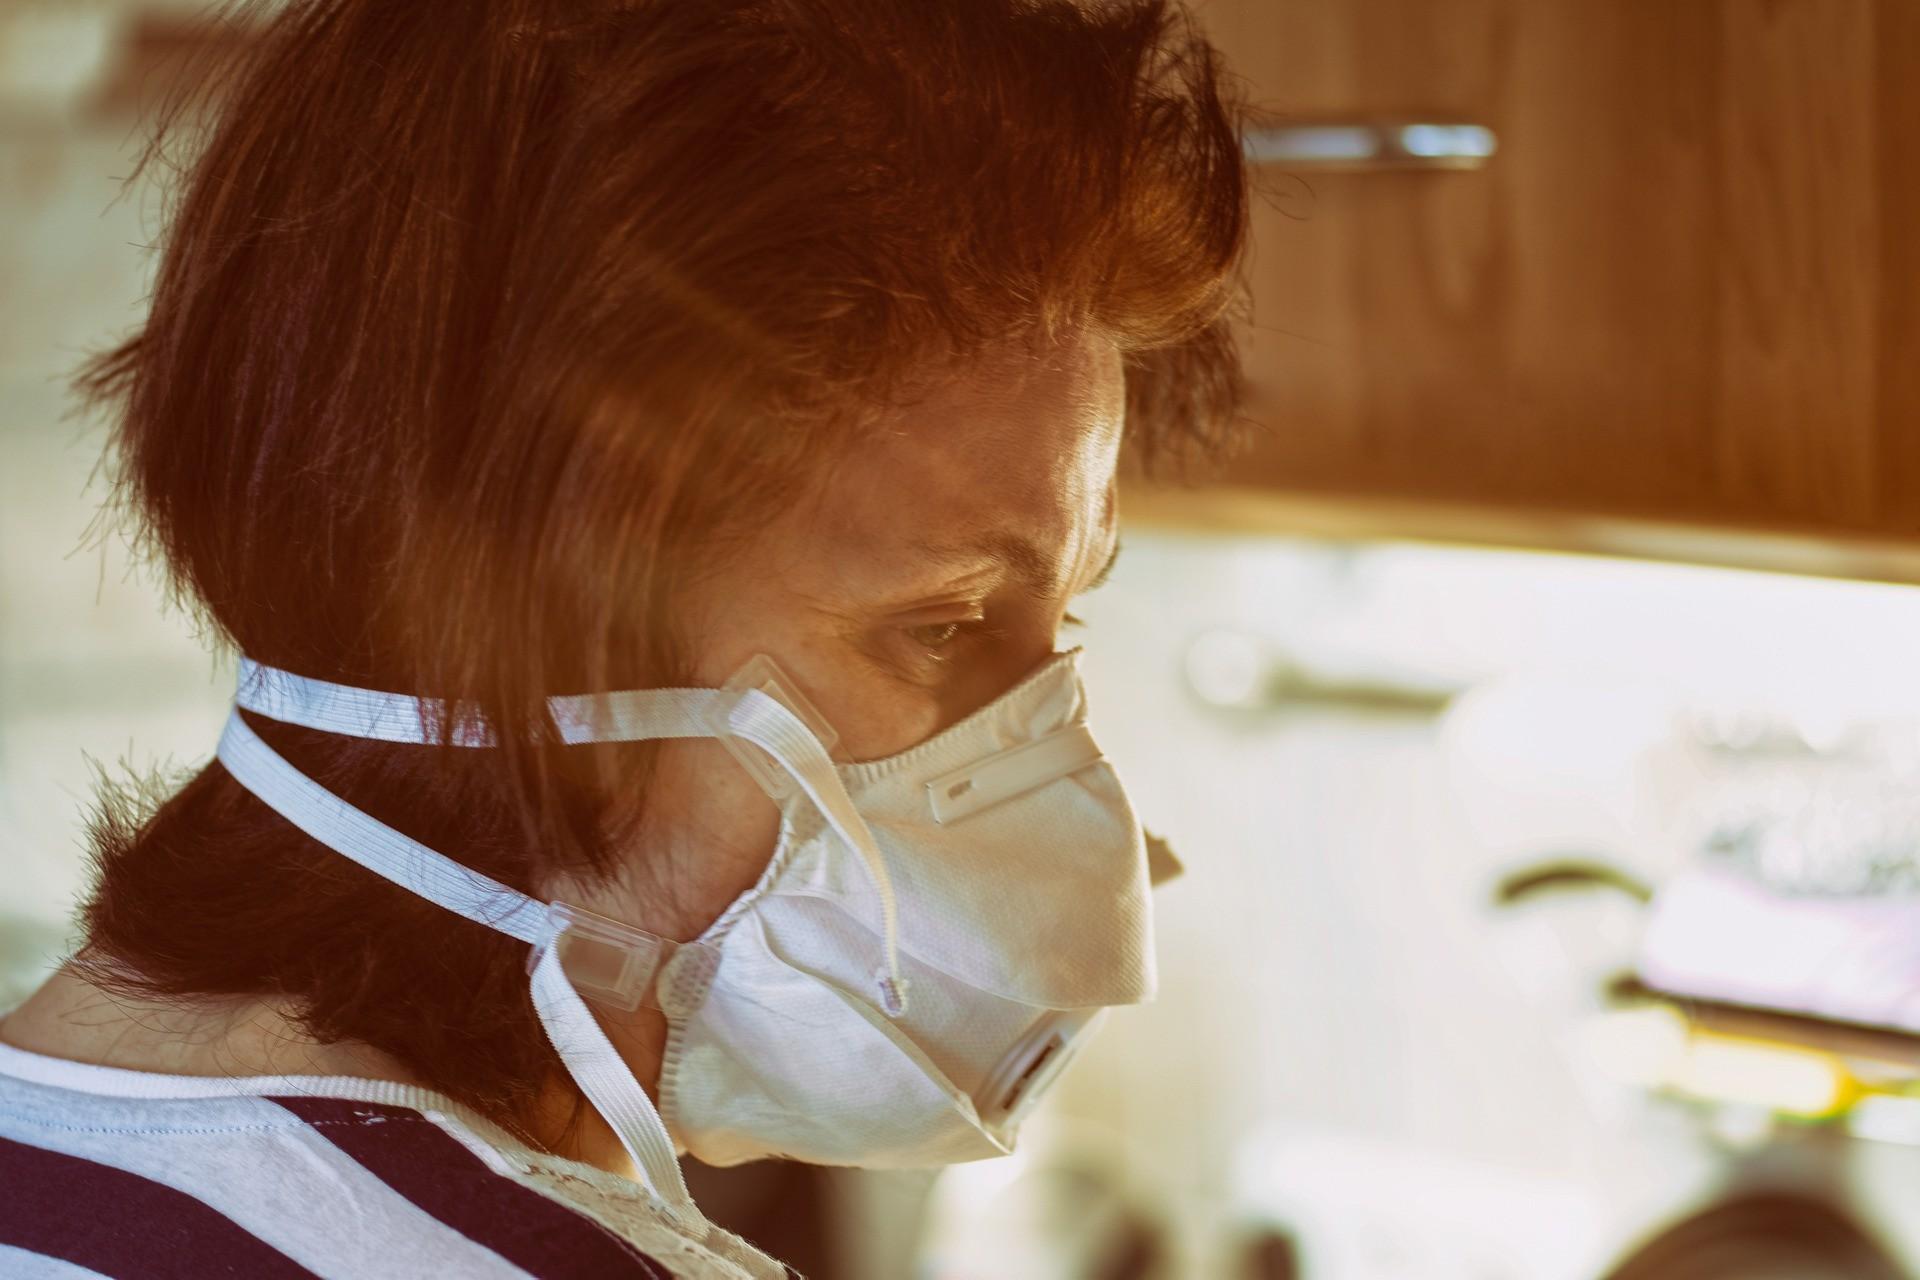 Pesquisa nos EUA mostra que a solidão dobrou entre os mais velhos no início da pandemia